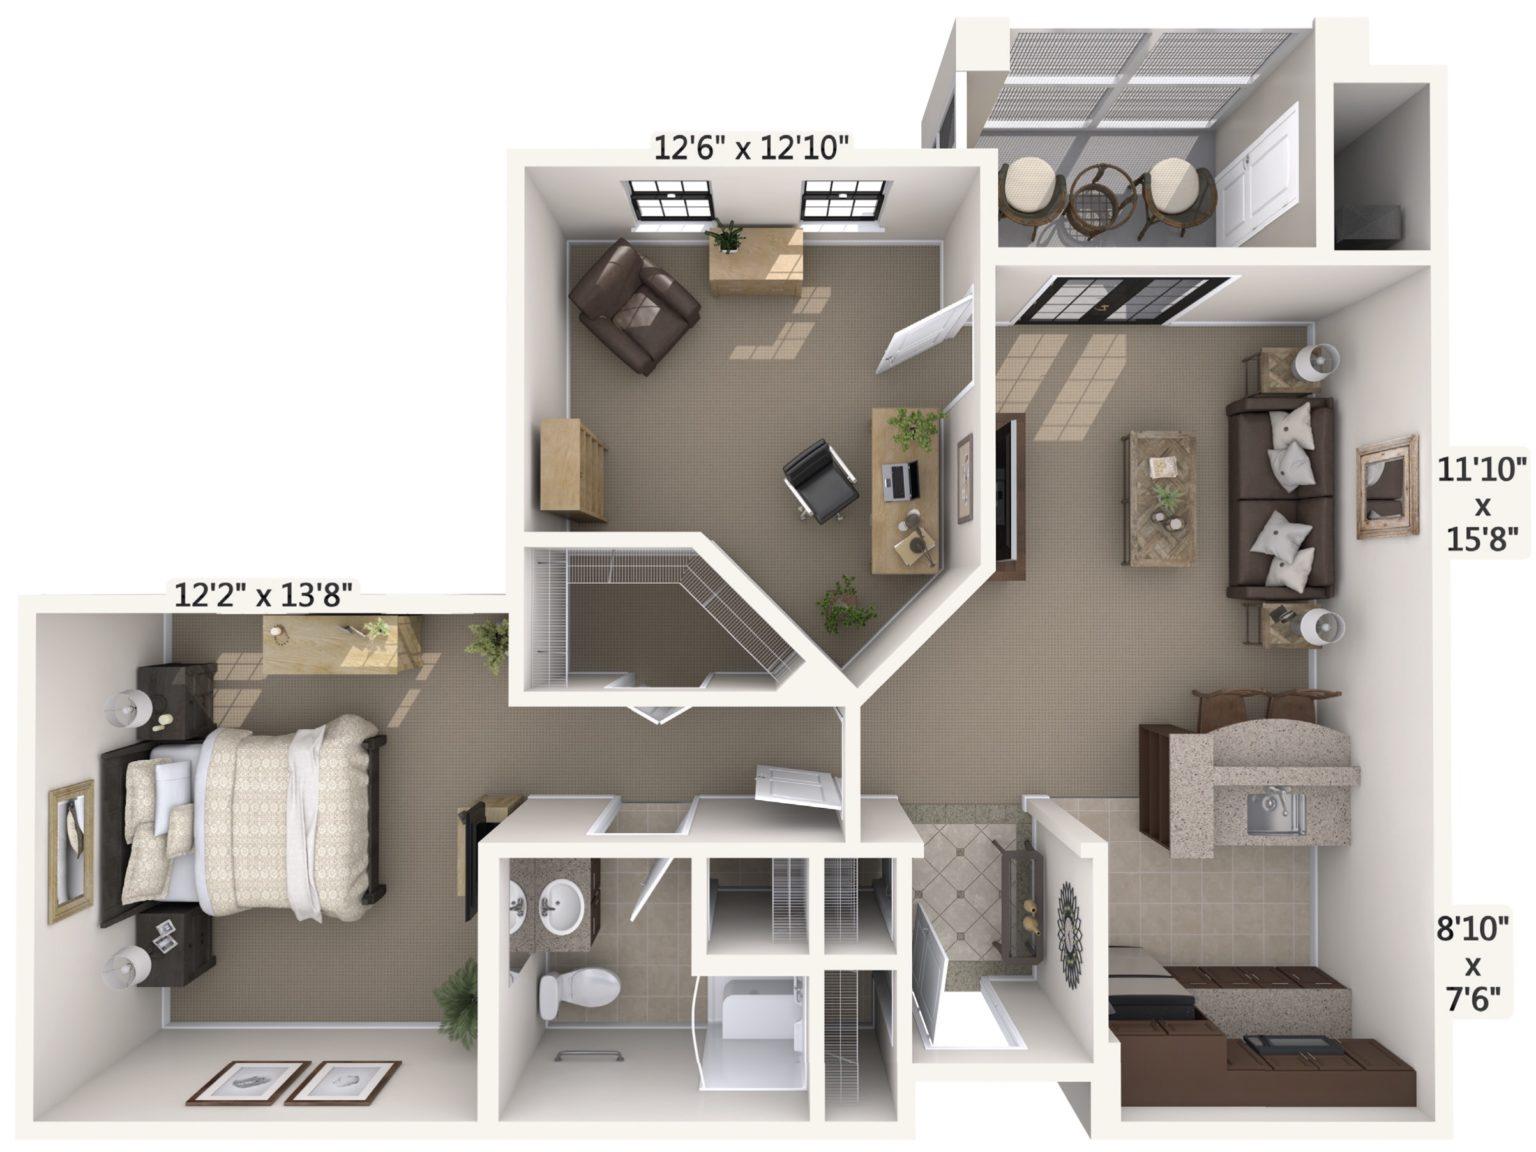 AddingtonPlace_One-Bedroom-with-Den-Interlude_814-sq.-ft._AL_Jupiter-1536x1152 (1)